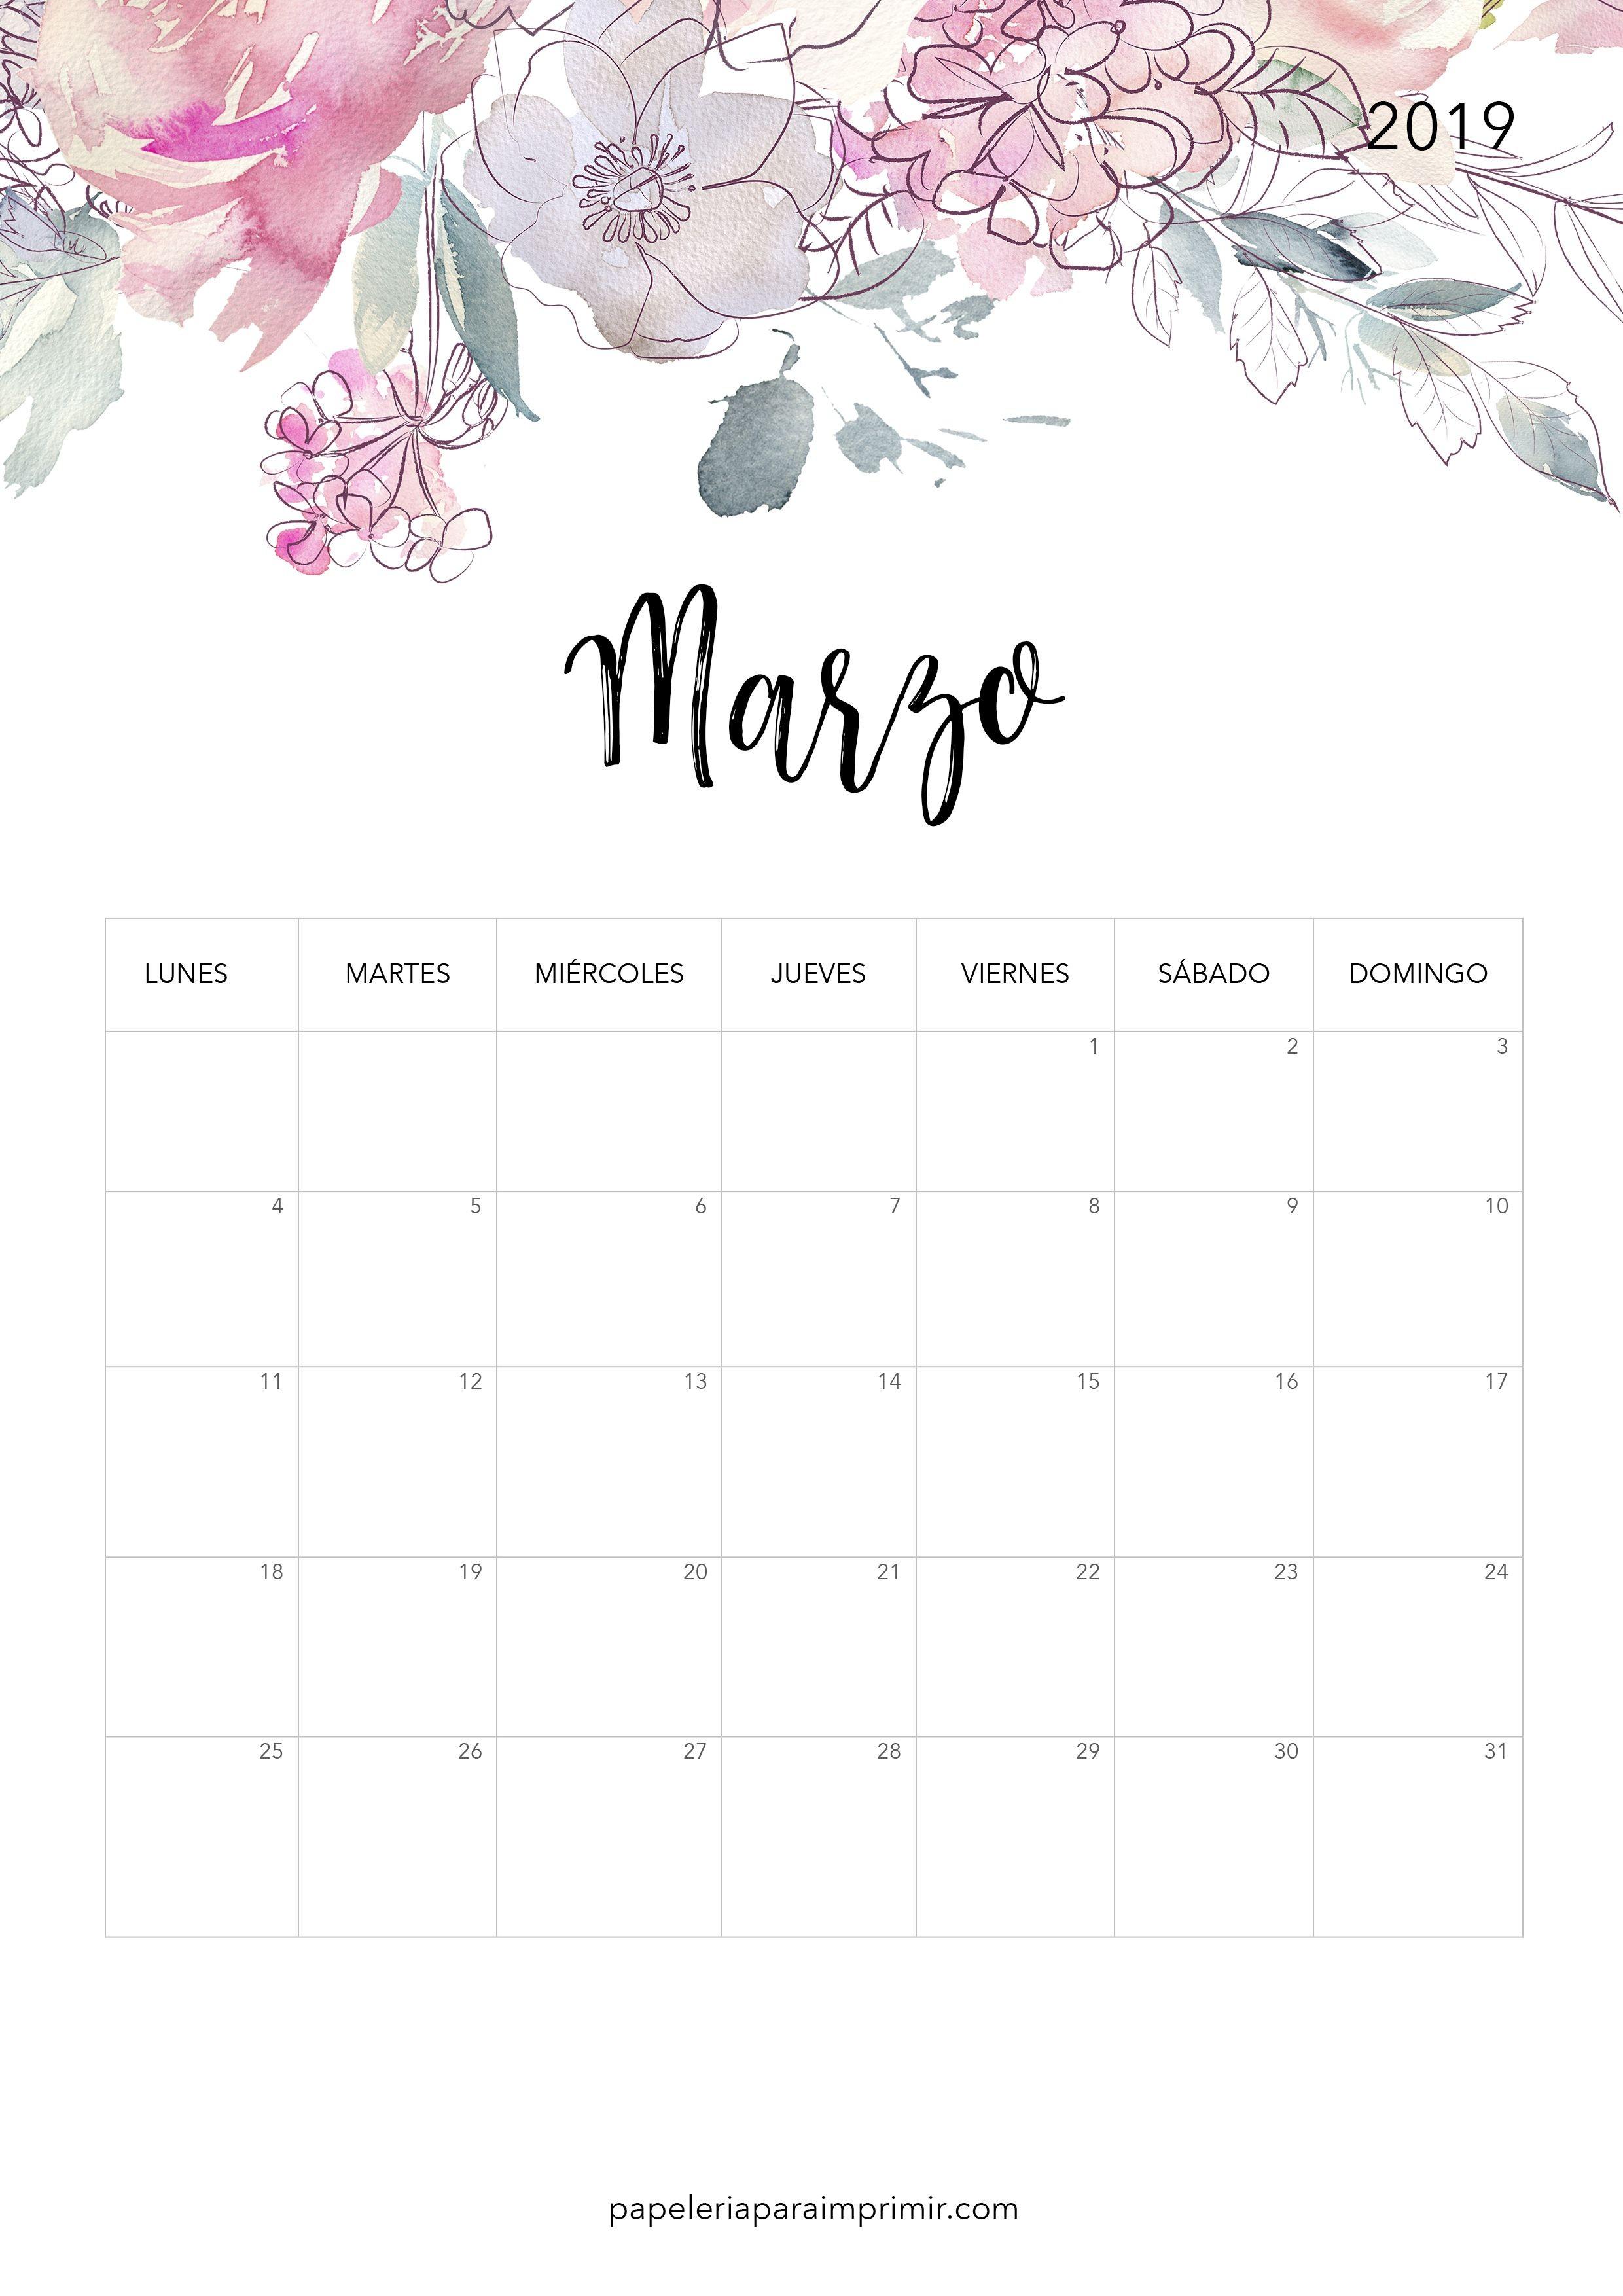 Calendario Mensual 2019 En Word Para Imprimir Mejores Y Más Novedosos Calendario Para Imprimir Marzo 2019 Calendario Imprimir Marzo